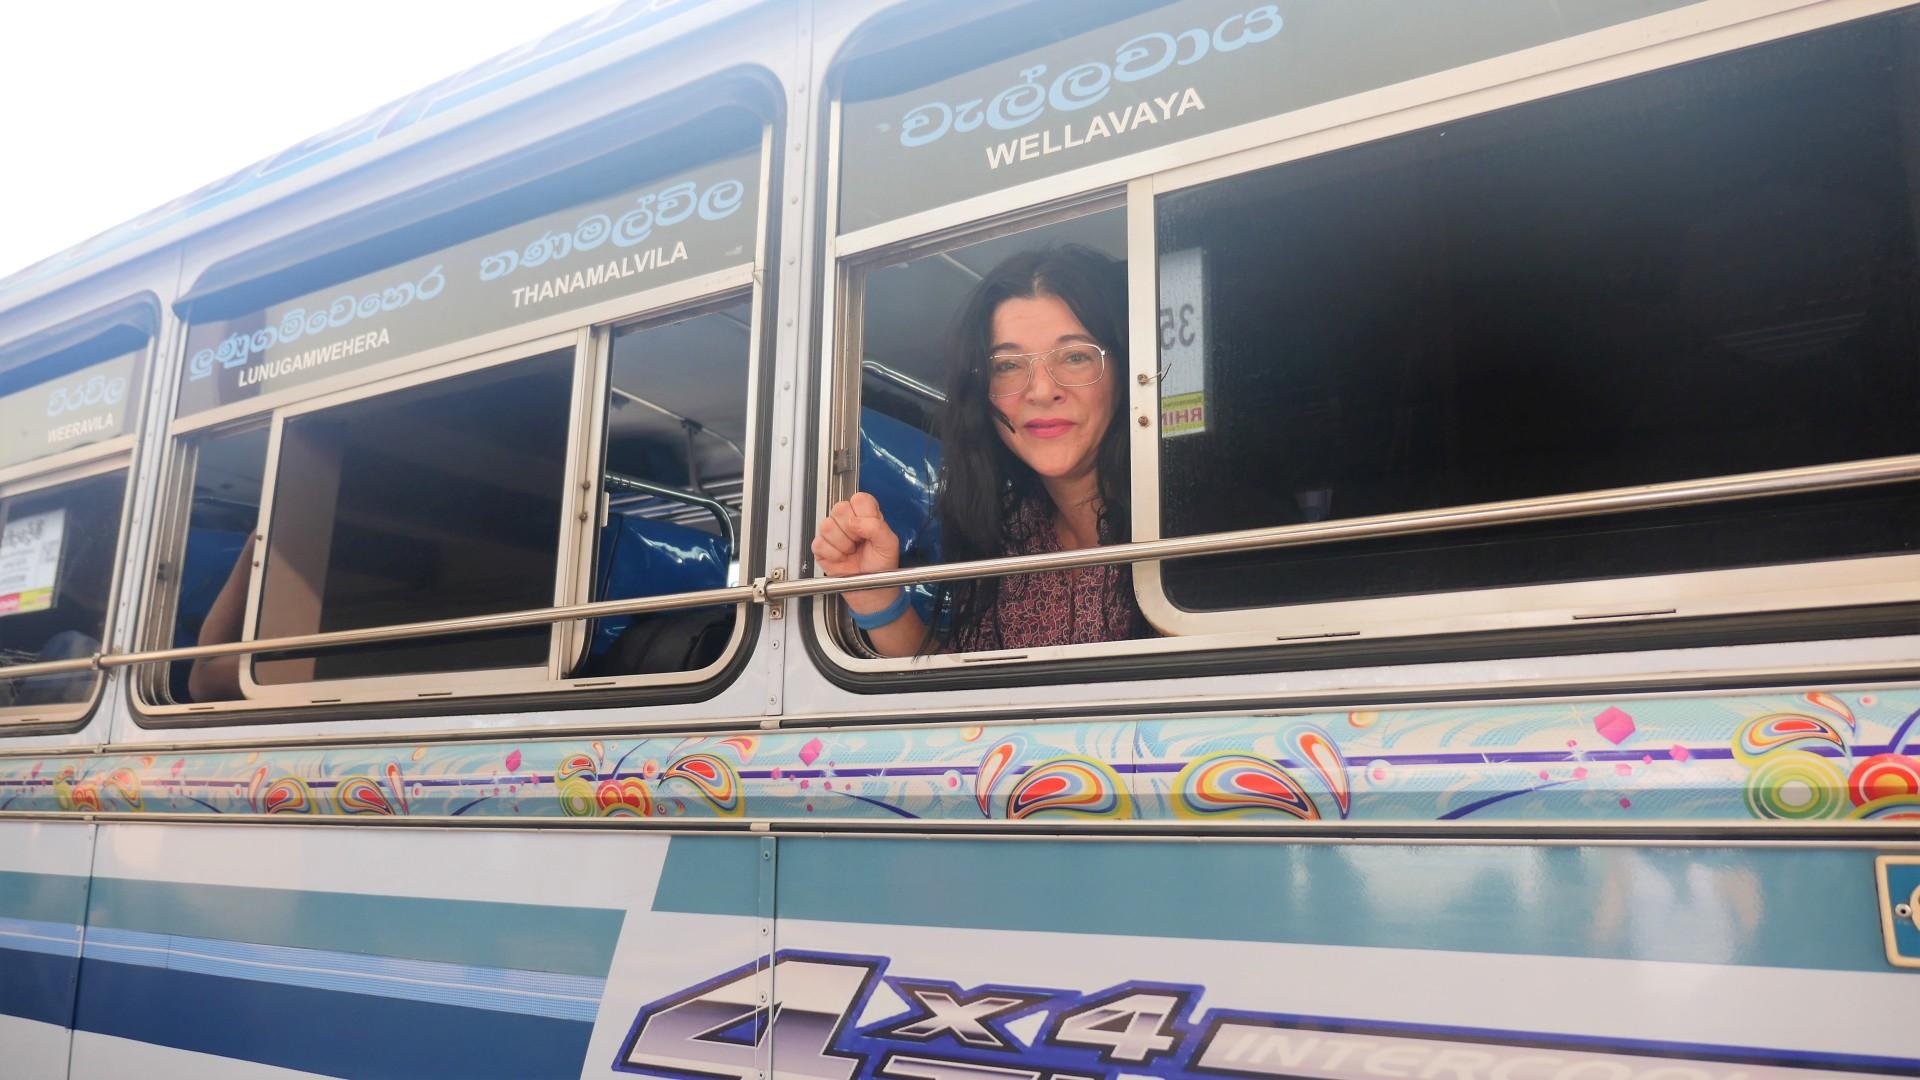 Mit Bussen und Bahn durch Sri Lanka